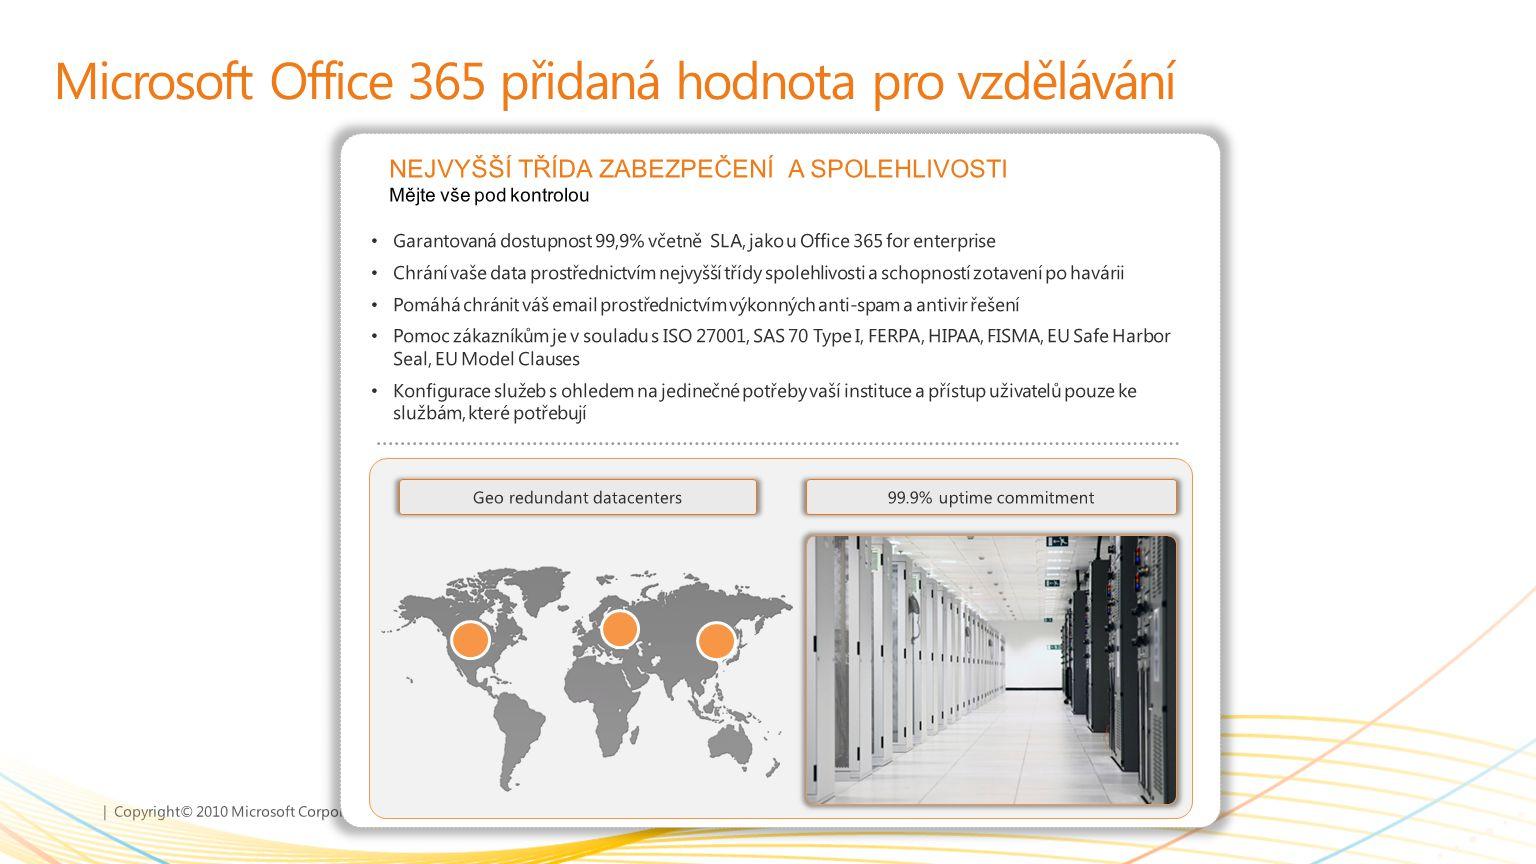 Microsoft Office 365 přidaná hodnota pro vzdělávání